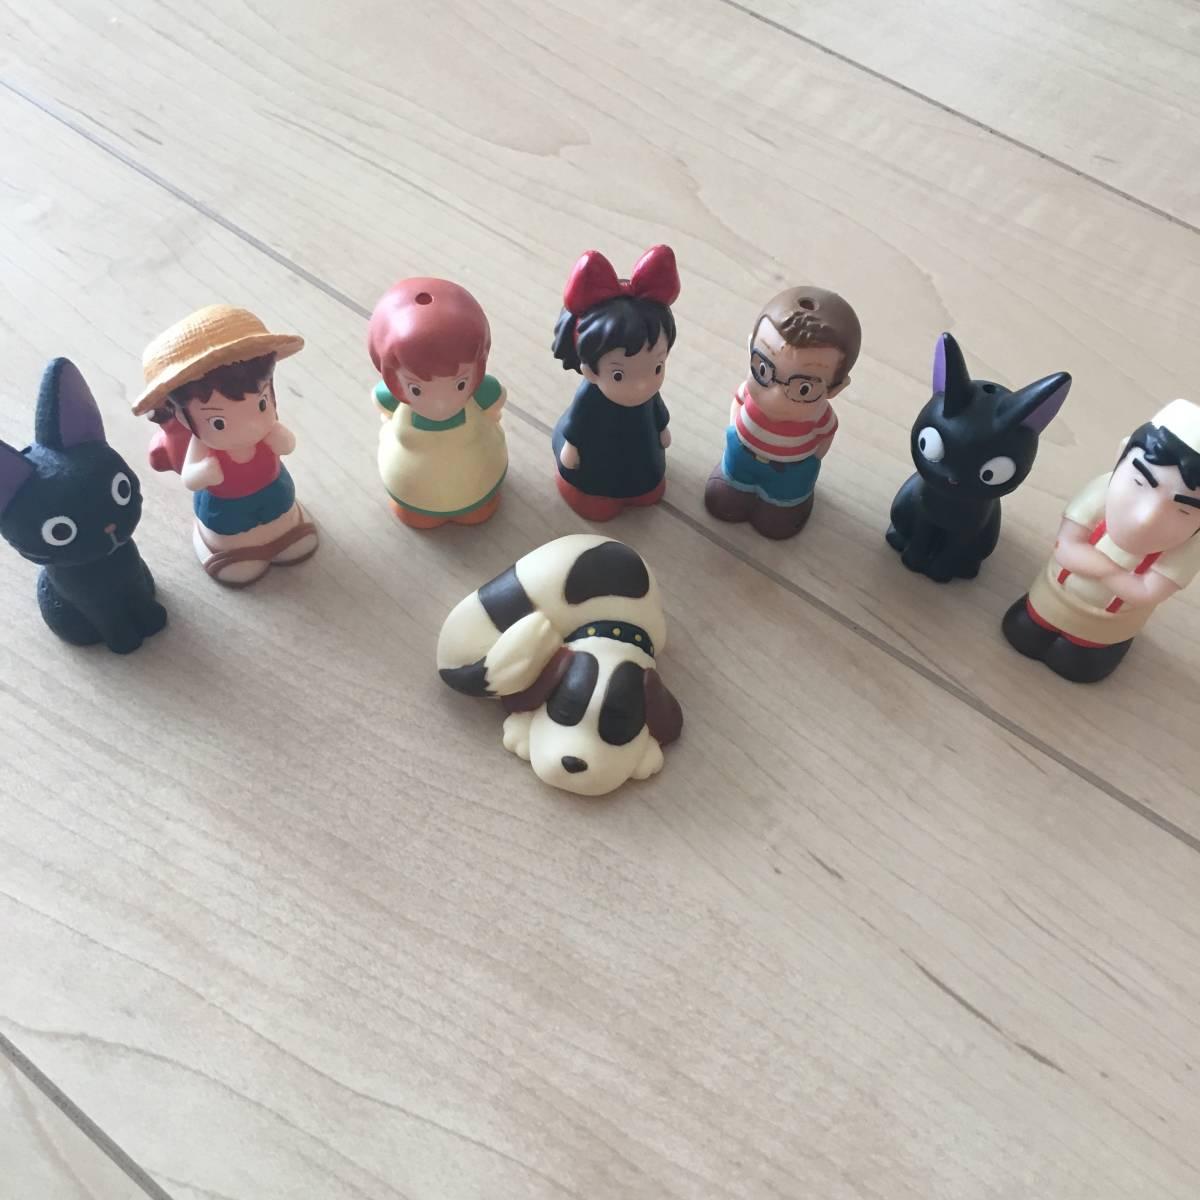 【売り切り】魔女の宅急便 指人形 8個セット フィギア スタジオジブリ 宮崎駿監督 キキ ジジ